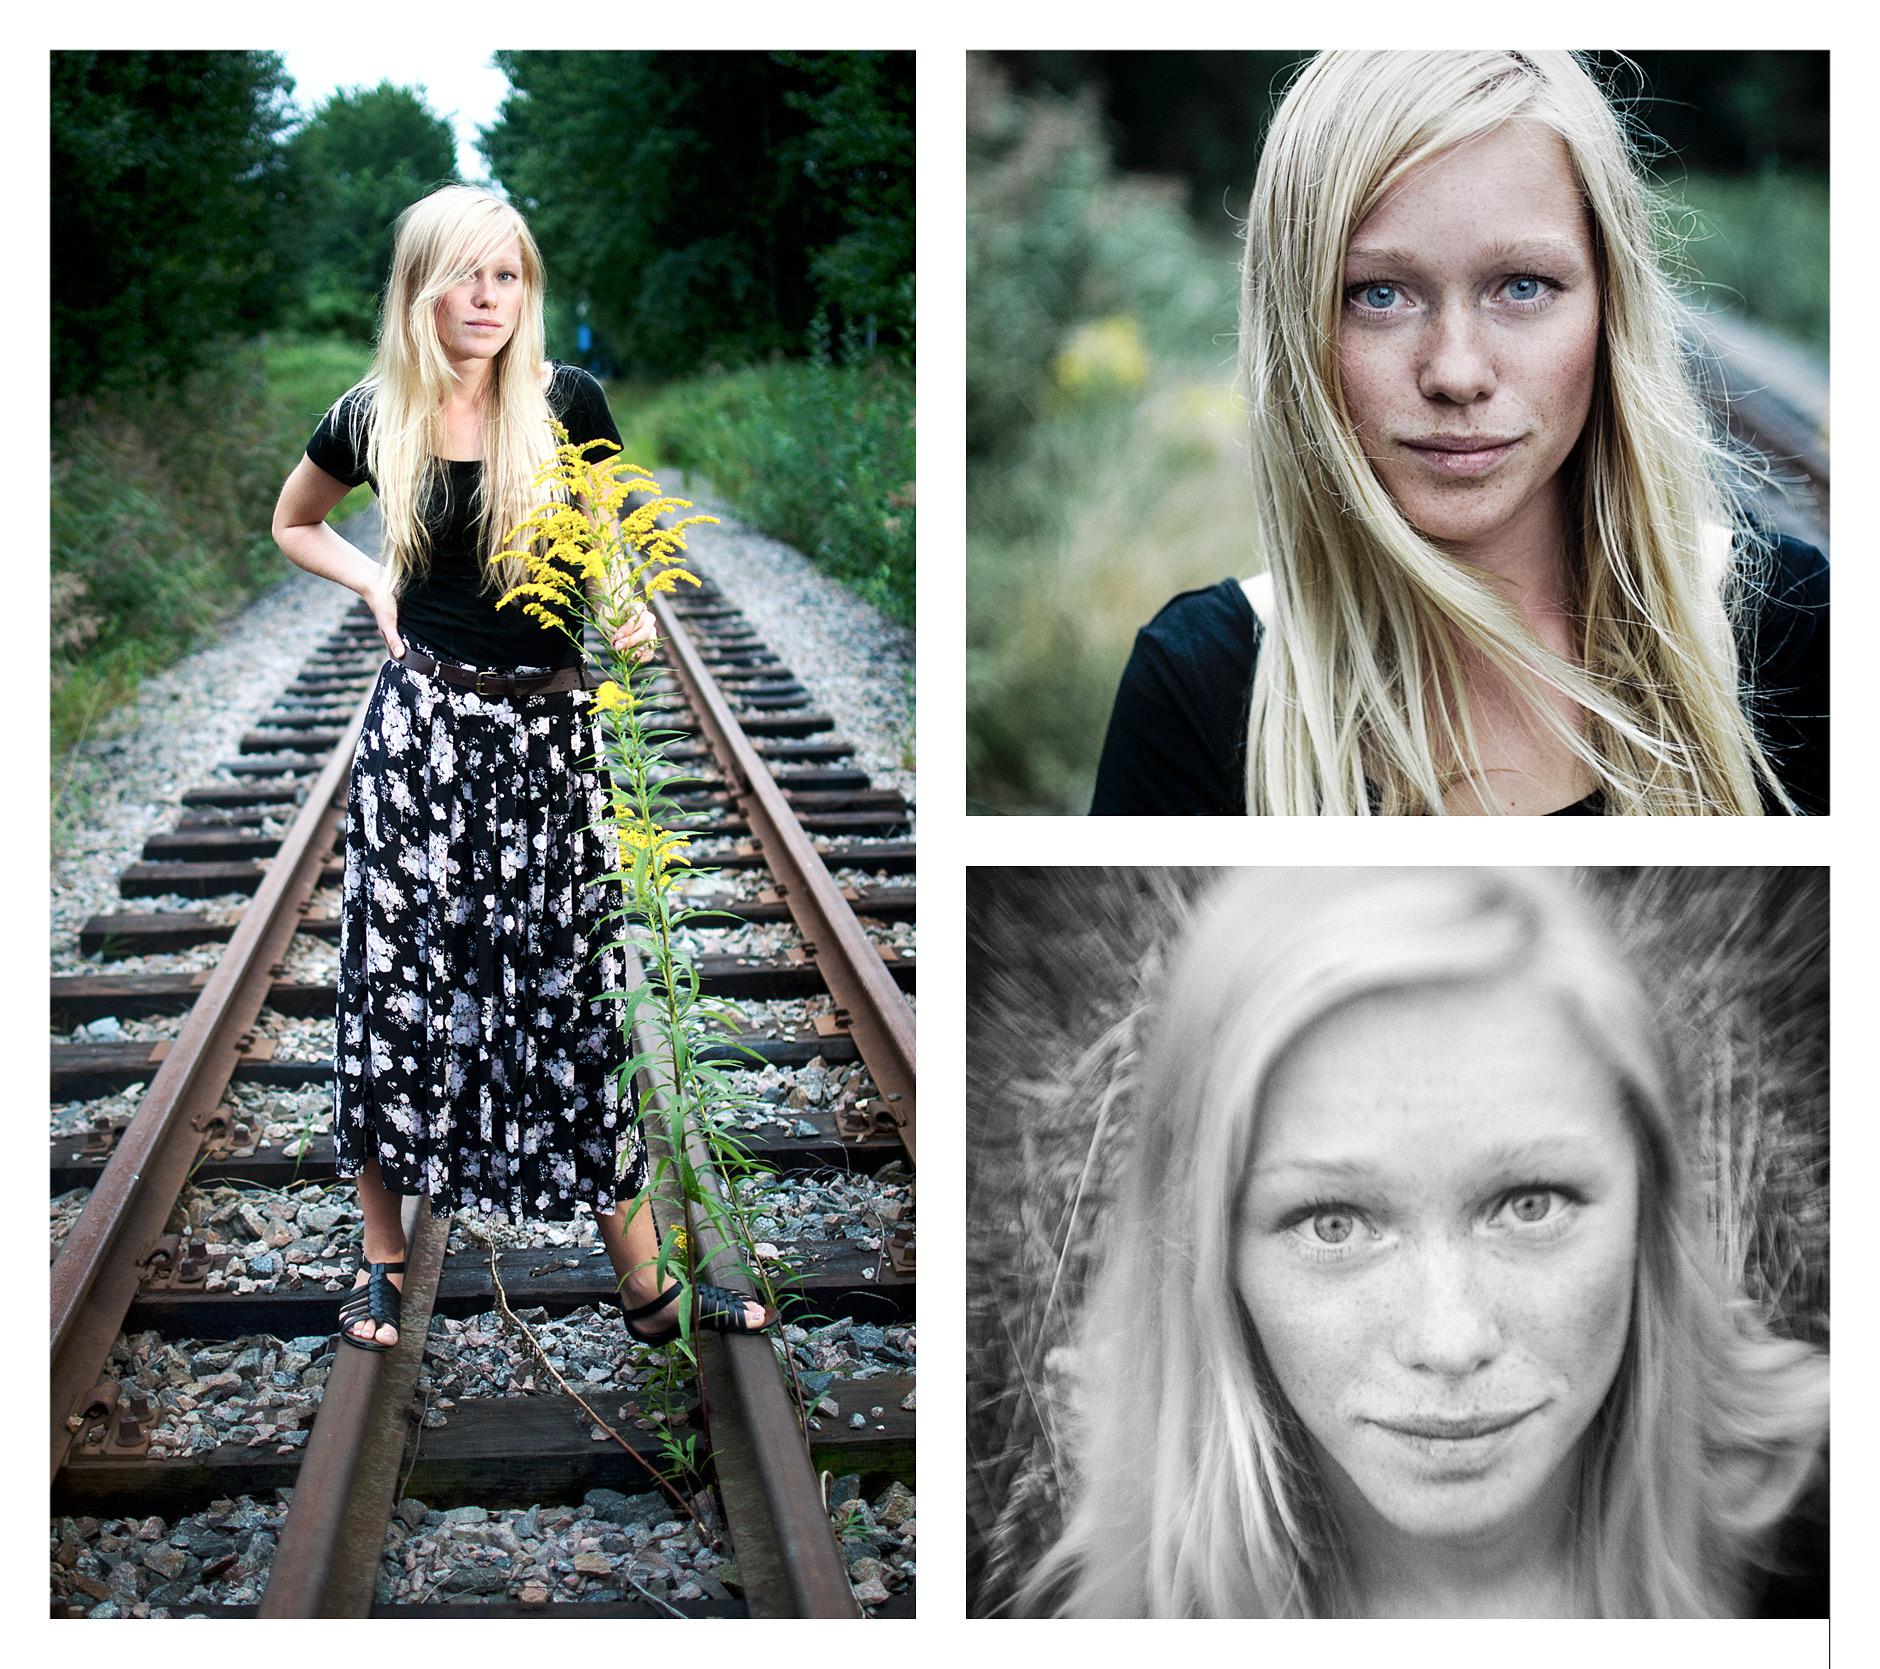 05-modell-fotografering-fotograf-2-fotografer-norrkoping